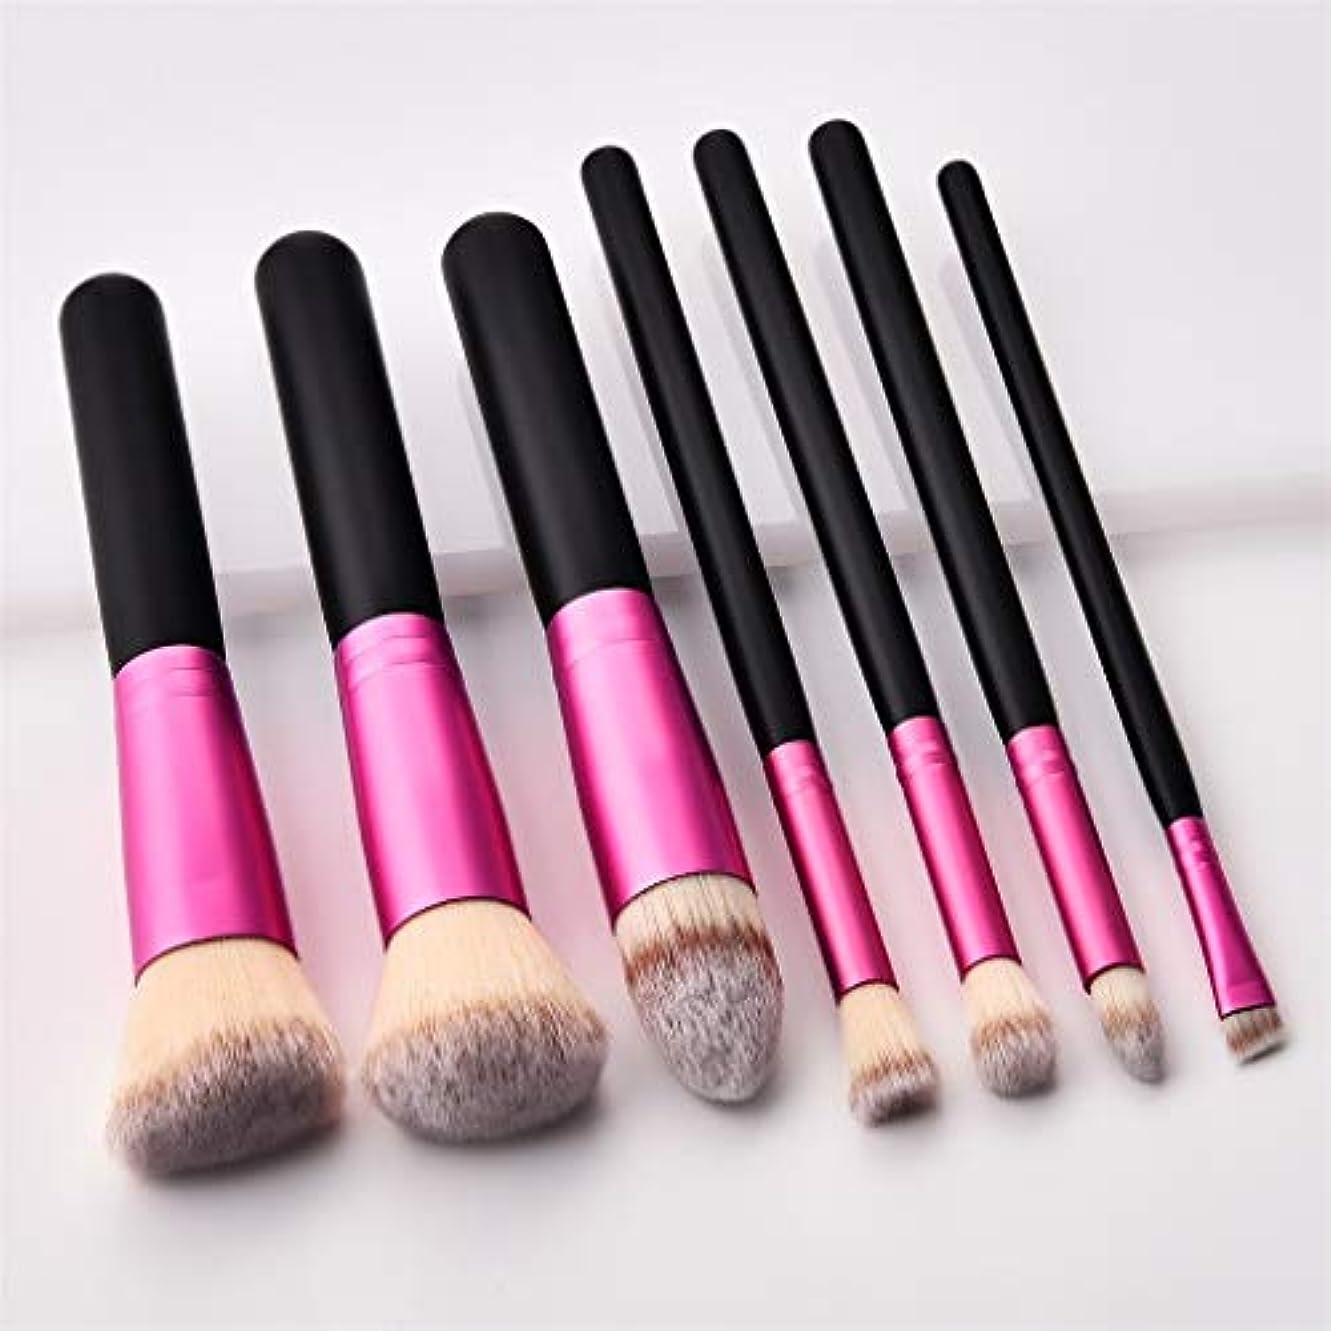 シェルターピース大事にするAkane 7本 GUJHUI 上等 優雅 ピンク 綺麗 美感 便利 高級 魅力的 柔らかい たっぷり 多機能 おしゃれ 激安 日常 仕事 Makeup Brush メイクアップブラシ T-07-060